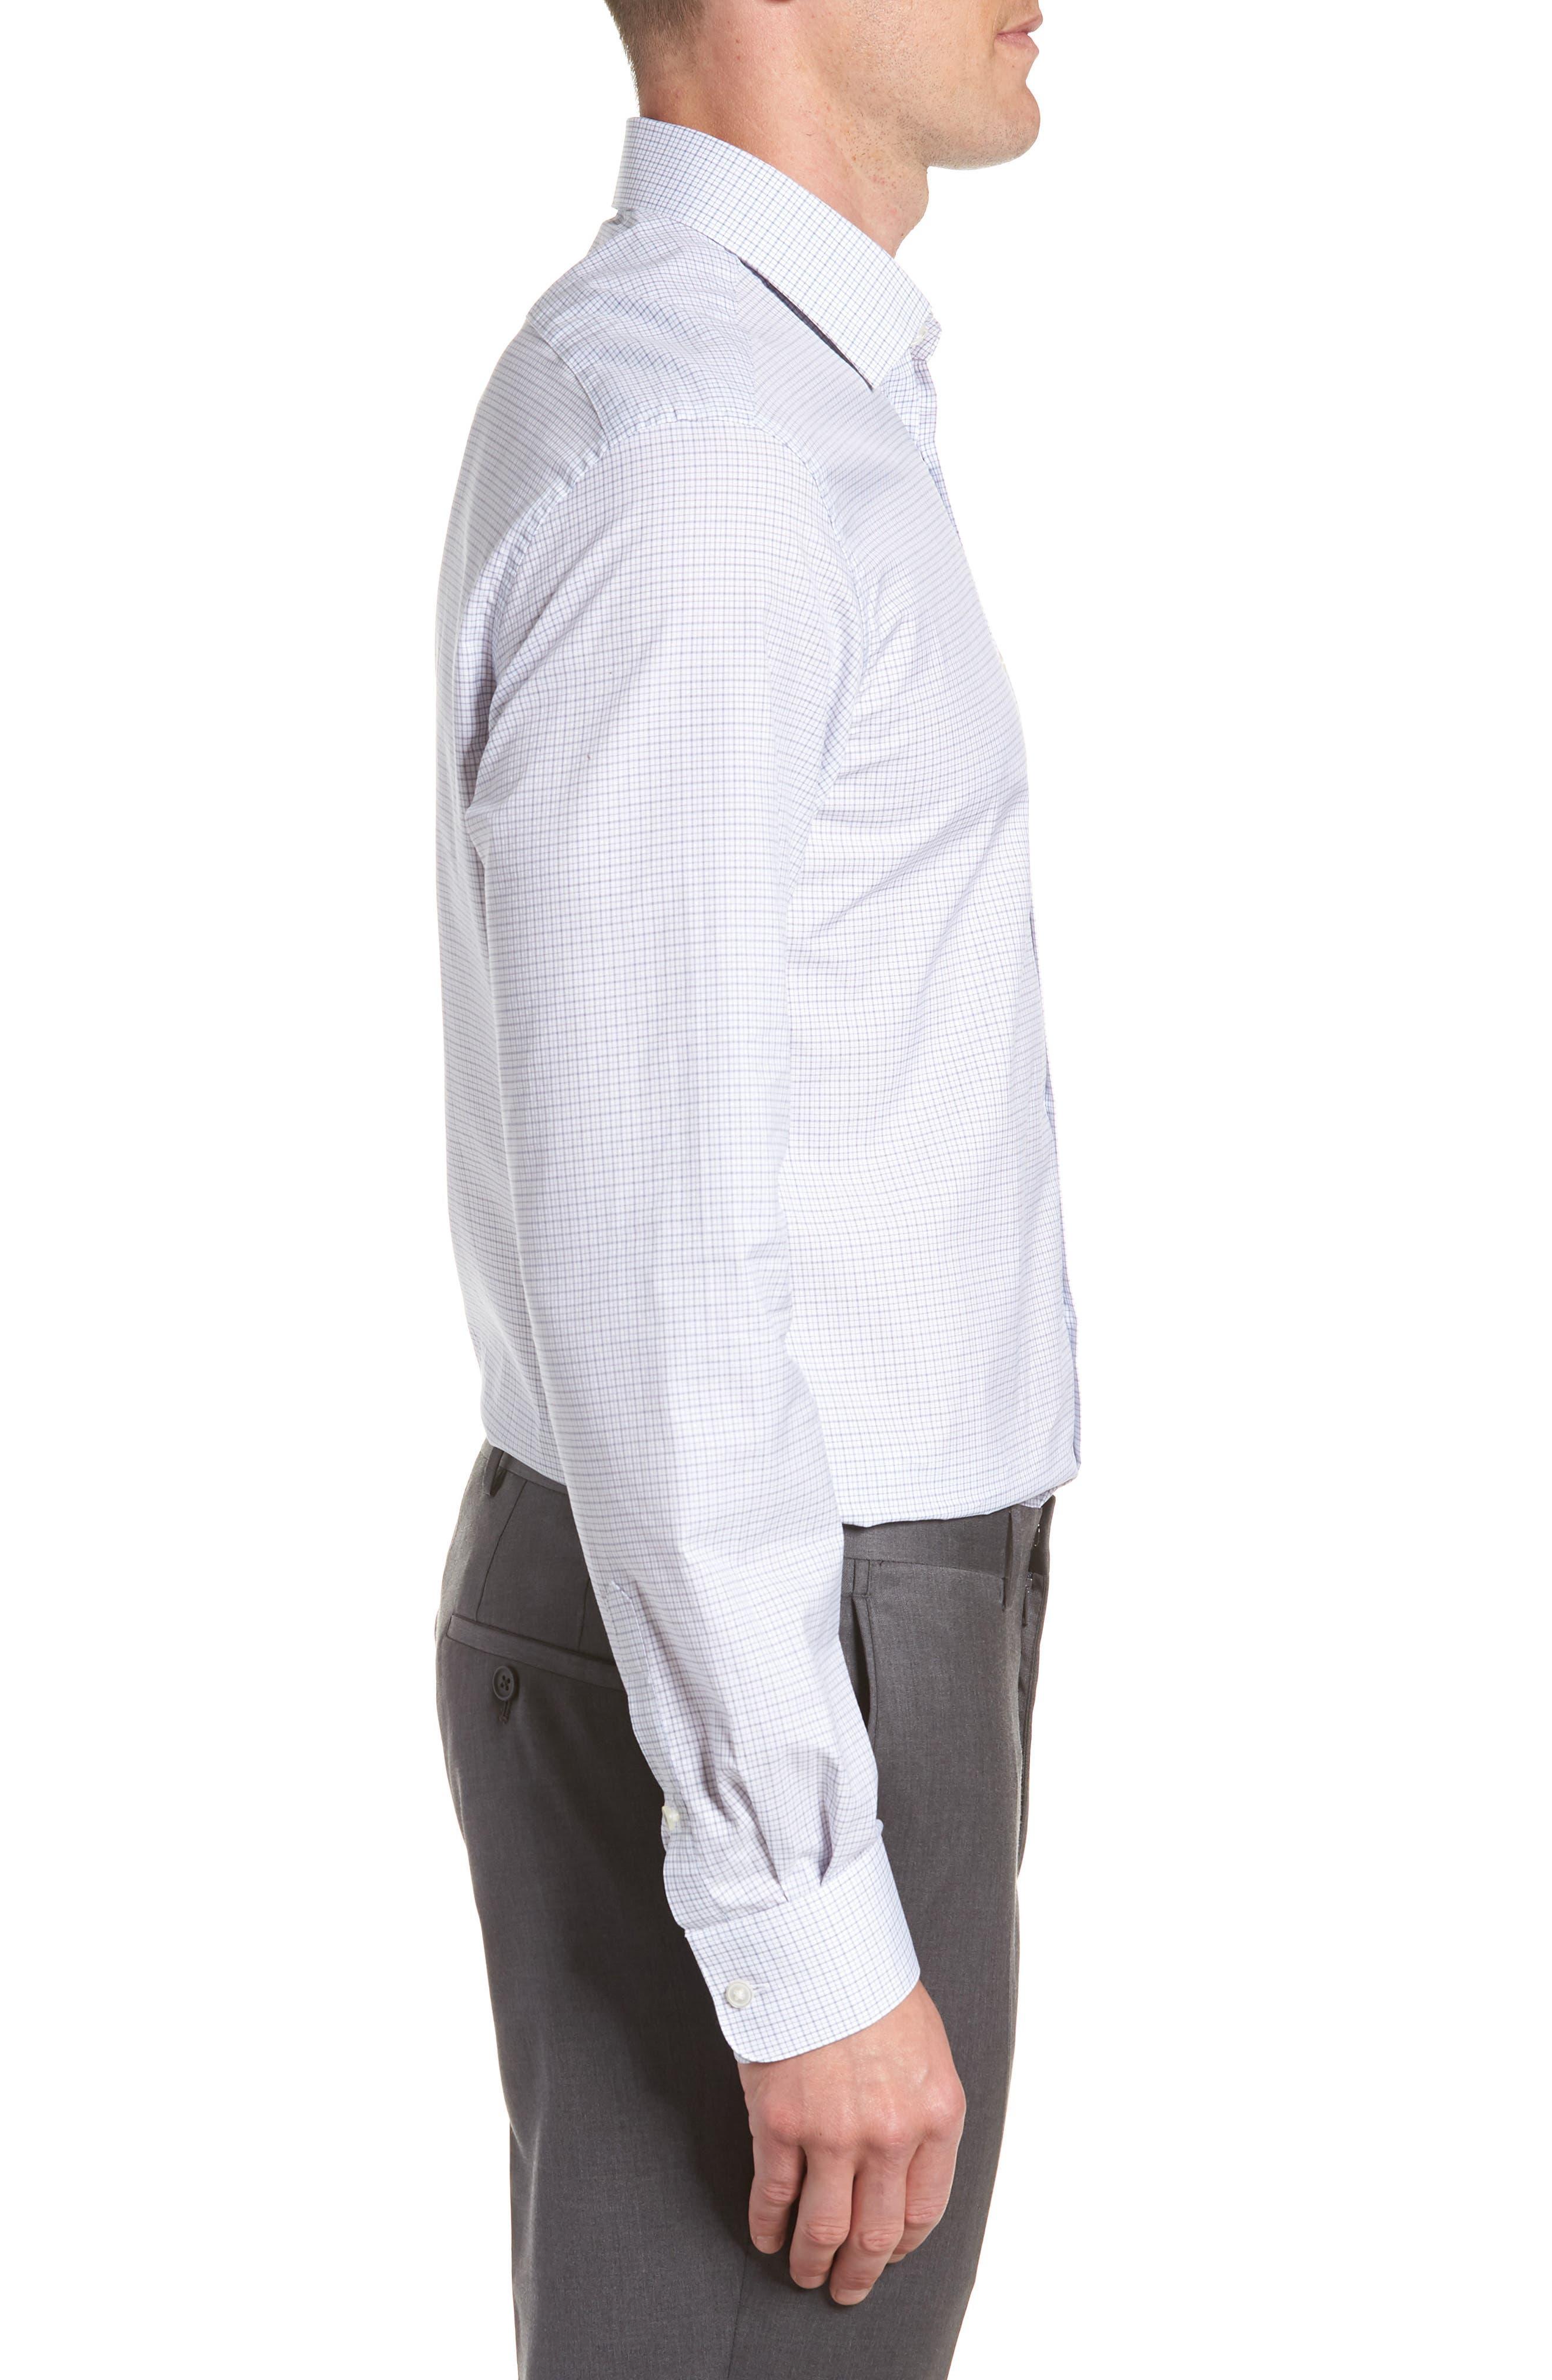 JOHN VARVATOS STAR USA,                             Micro Plaid Regular Fit Dress Shirt,                             Alternate thumbnail 4, color,                             428